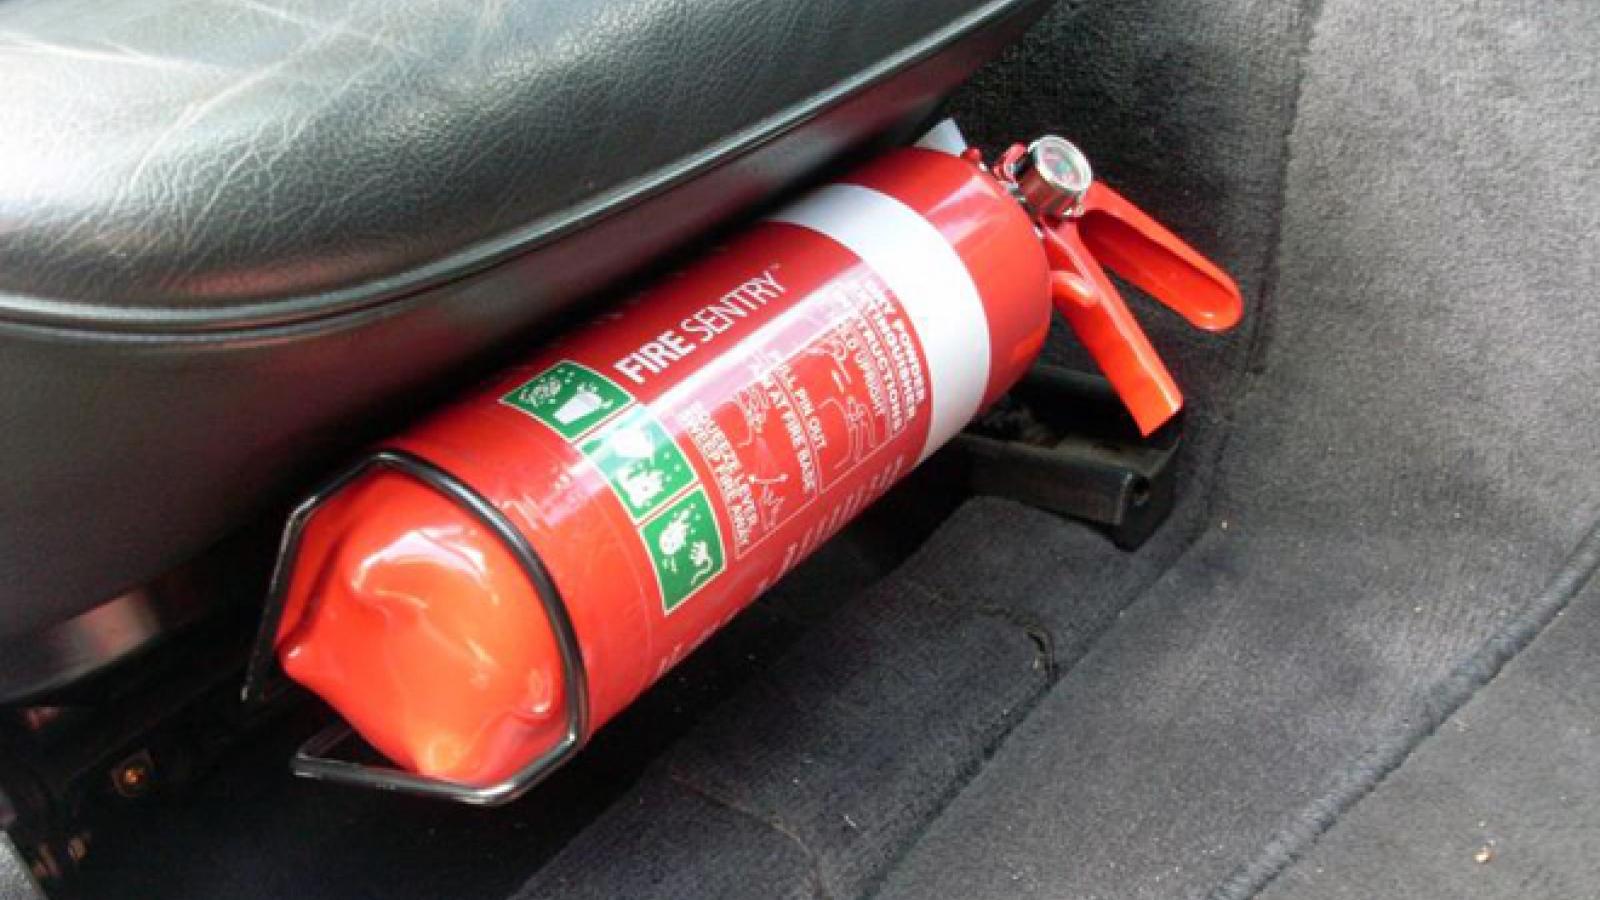 Bỏ quy định ô tô dưới 9 chỗ phải lắp bình cứu hỏa